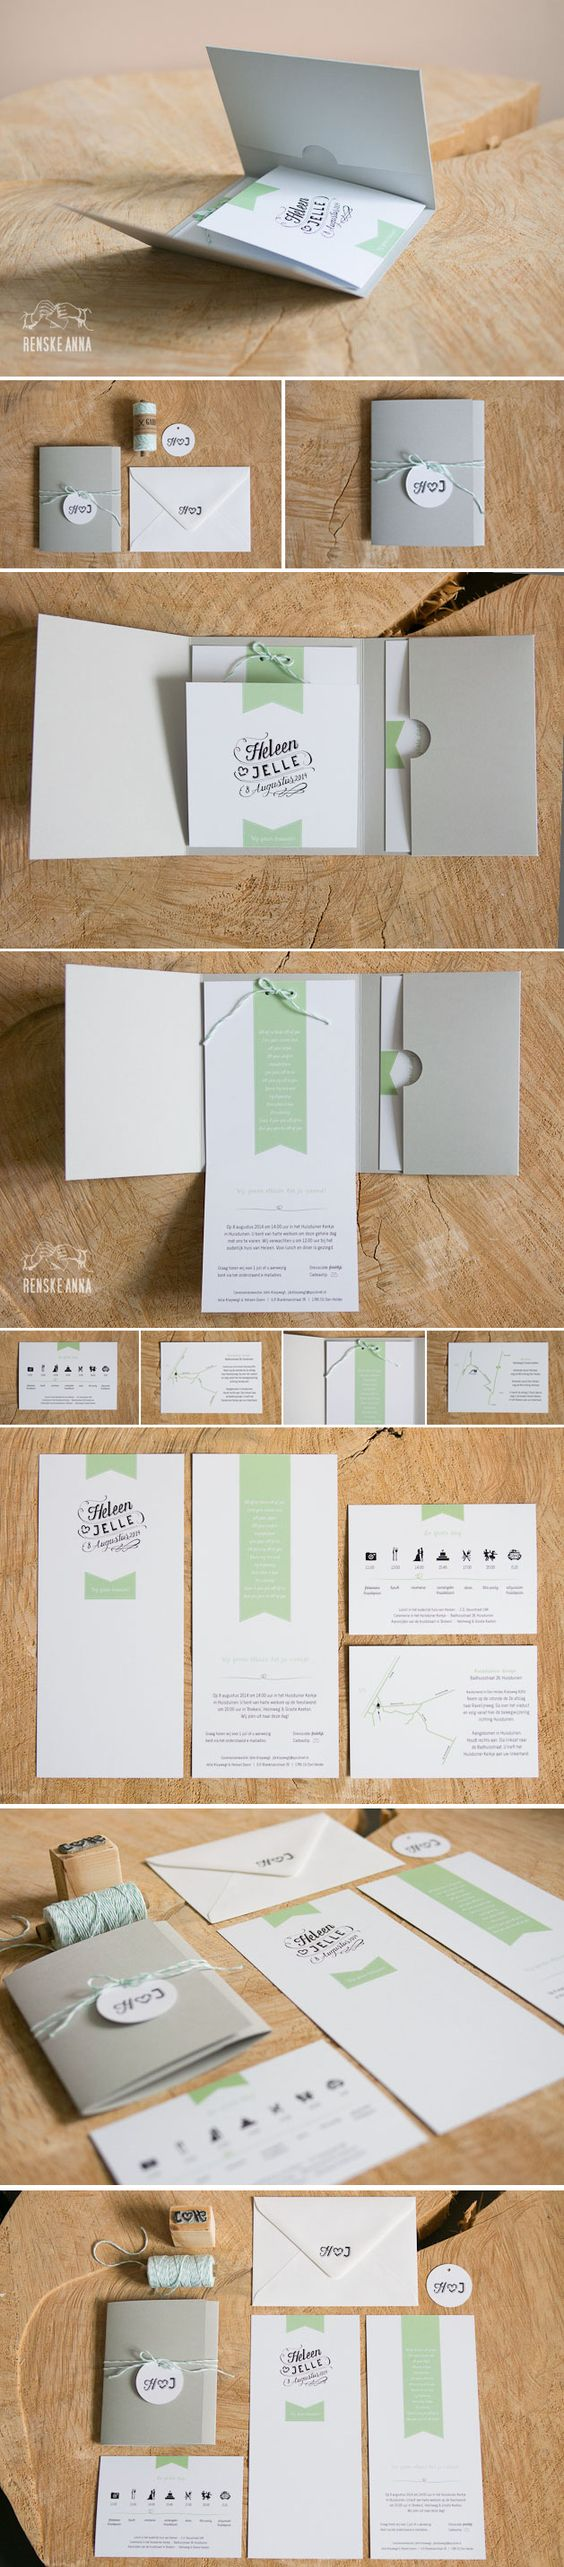 Zomers grijs met mintgroen: de trouwkaarten van Jelle & Heleen